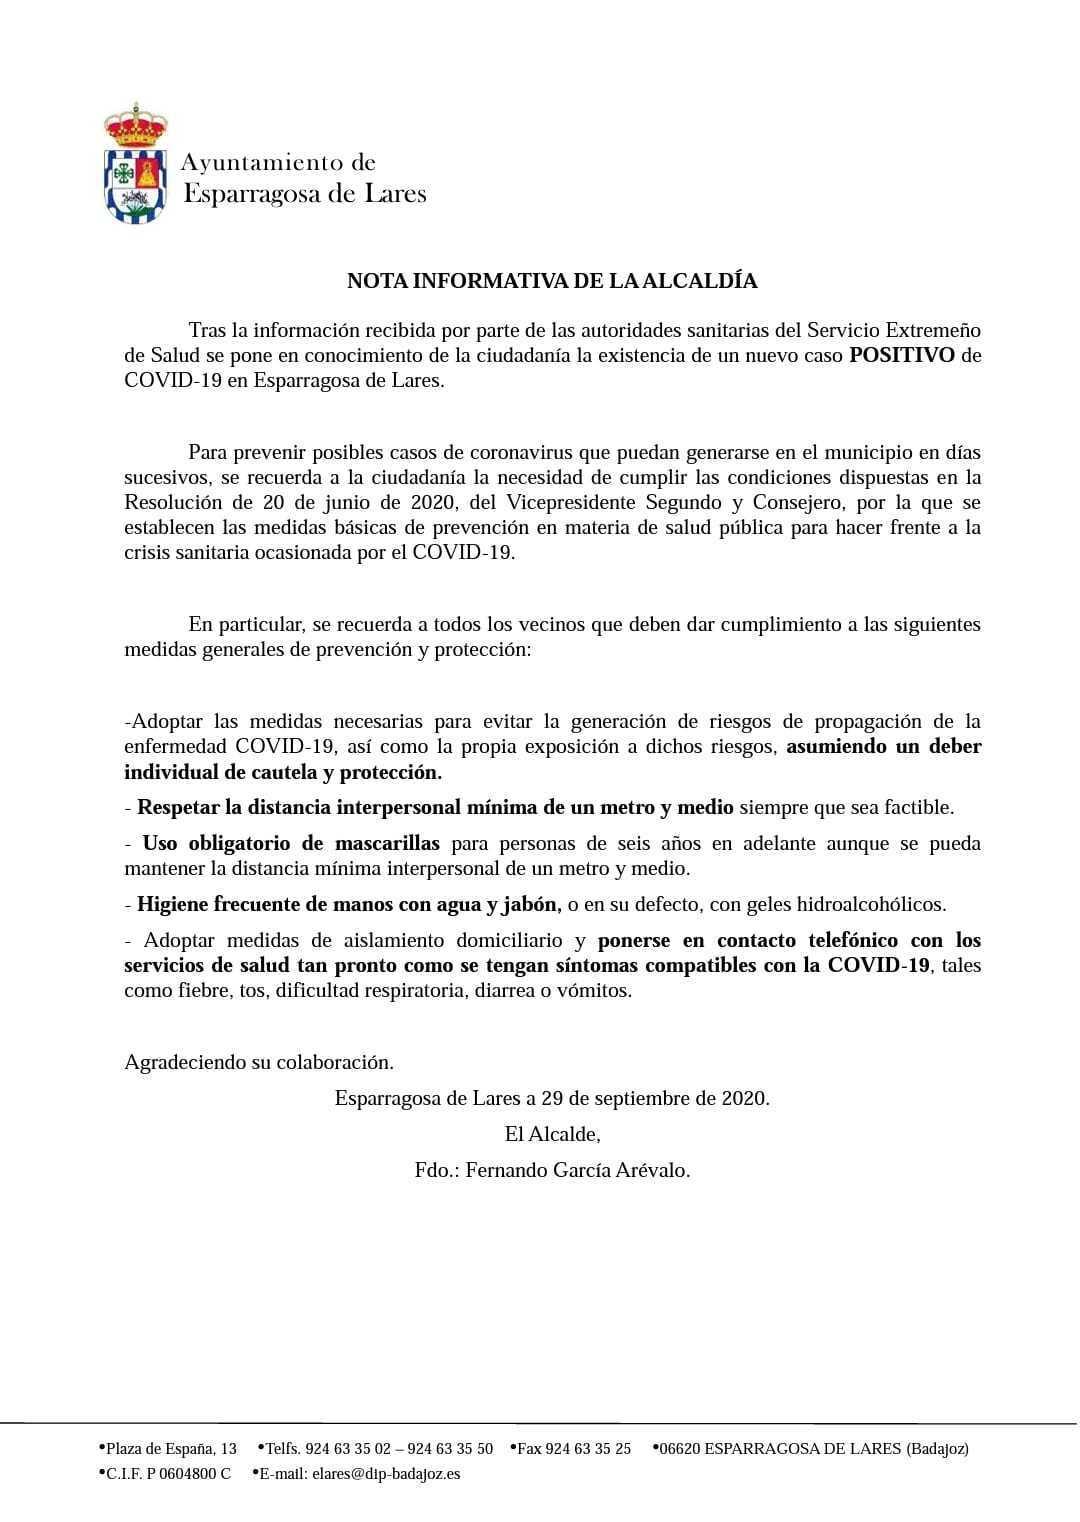 Nuevo positivo por coronavirus (septiembre 2020) - Esparragosa de Lares (Badajoz)